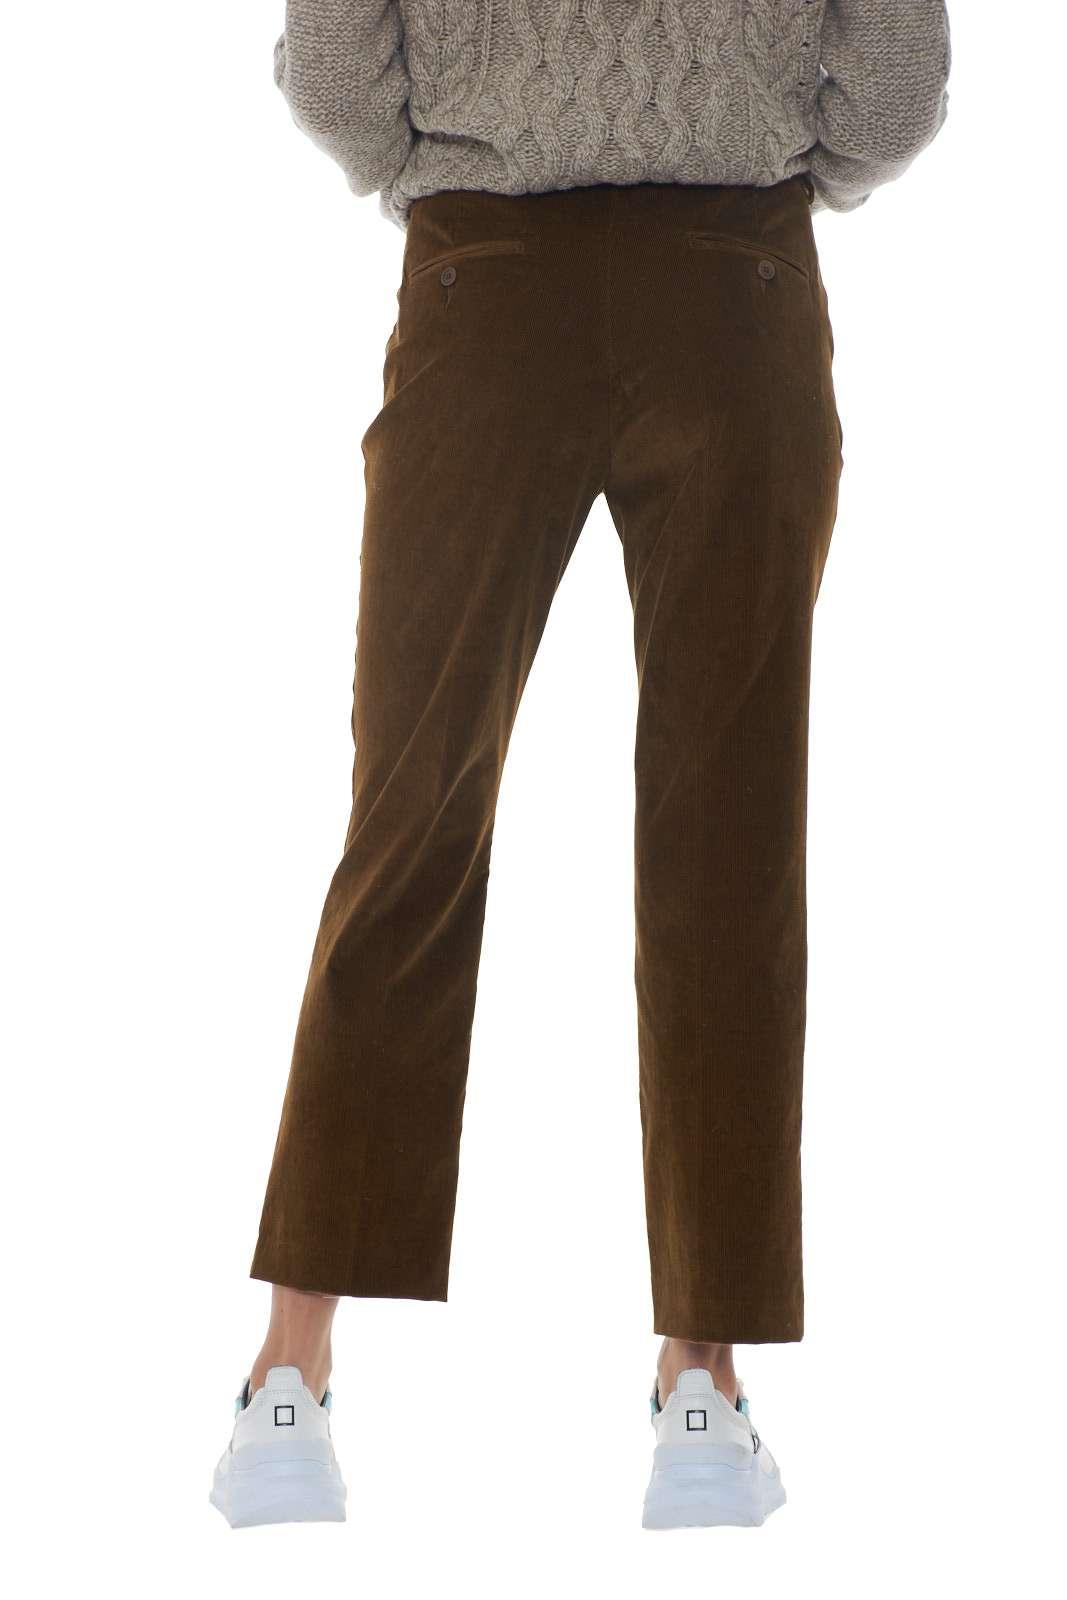 https://www.parmax.com/media/catalog/product/a/i/AI-outlet_parmax-pantaloni-donna-MaxMara-51360293-C.jpg